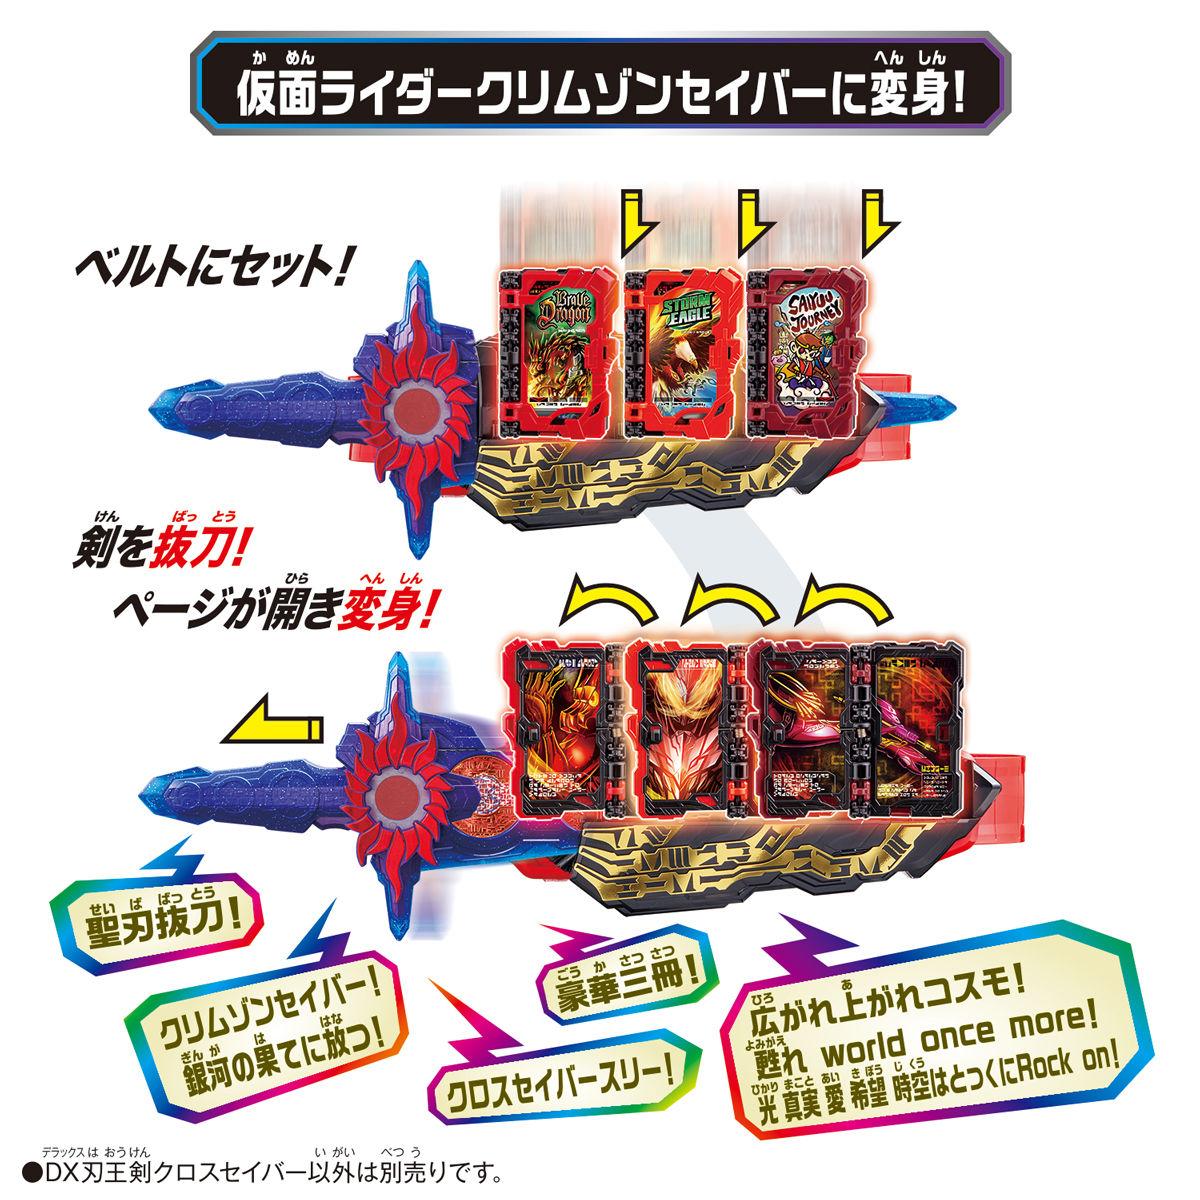 【限定販売】仮面ライダーセイバー『DX刃王剣クロスセイバー』仮面ライダークロスセイバー 変身なりきり-004